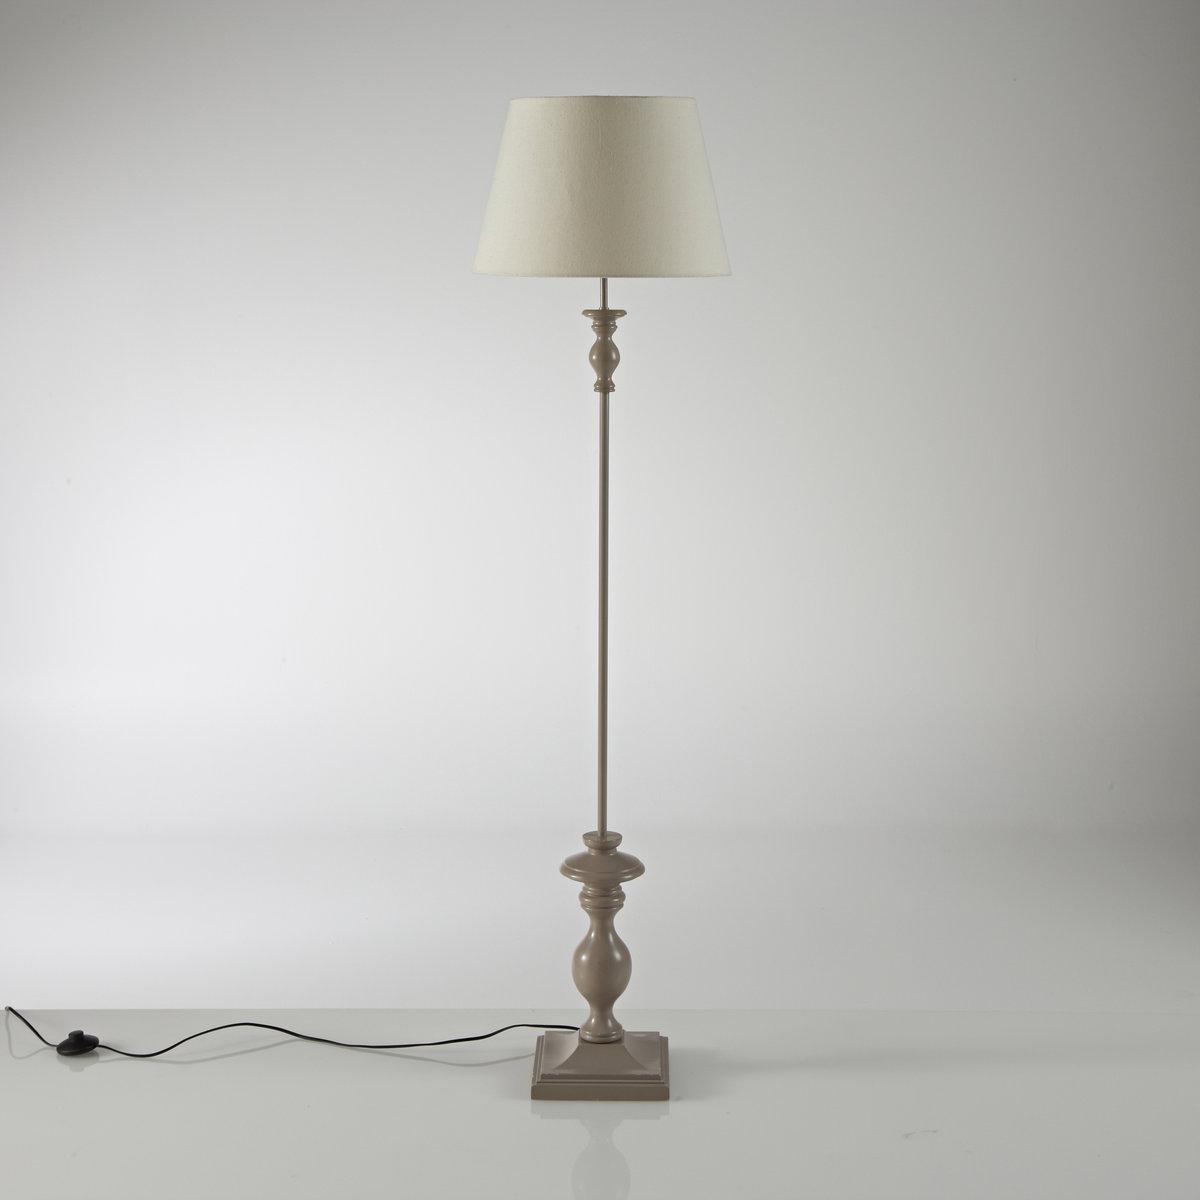 Торшер из гельвеи, KissaТоршер из обработанного дерева Kissa : 1м55 см оригинальности и элегантности .Описание Kissa :Патрон E27 для лампочки макс 60W (не входит в комплект)  .Торшер Kissa продается готовым к сборке.Этот светильник совместим с лампочками    энергетического класса    : от A до E Характеристики Kissa :Ножка из гельвеи серо-коричневого цвета.Абажур из хлопка светло-бежевого цвета .Найдите другие светильники и коллекцию Kissa на сайте laredoute.ru .       Размеры Kissa :Ширина : 40 смГлубина : 40 смВысота : 155 см.Абажур: верх ?28, низ ?40 x Выс26 см .              Размеры и вес упаковки : 1 упаковка44 x 43 x 44 см, 4,5 кг              Сервис LaRedoute<br><br>Цвет: серо-каштановый/экрю